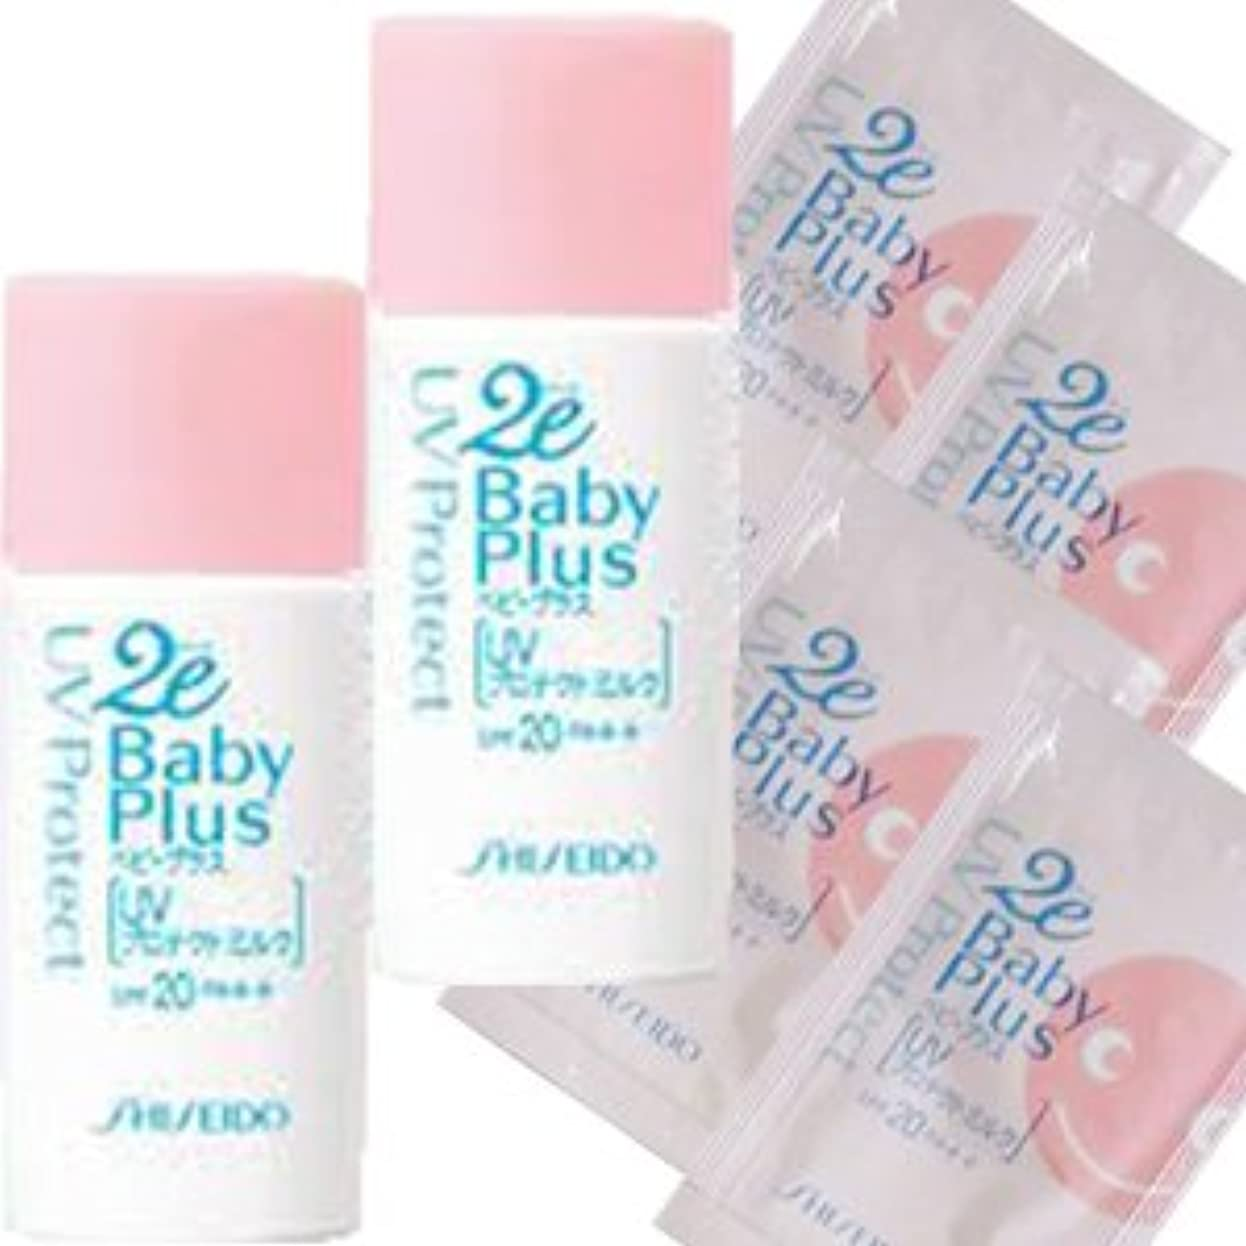 弱い責任者楽な2E(ドゥーエ) ベビープラス BABY PLUS UVプロテクトミルク 30MLx2(SPF20?PA++)2個セット(4901872235490)